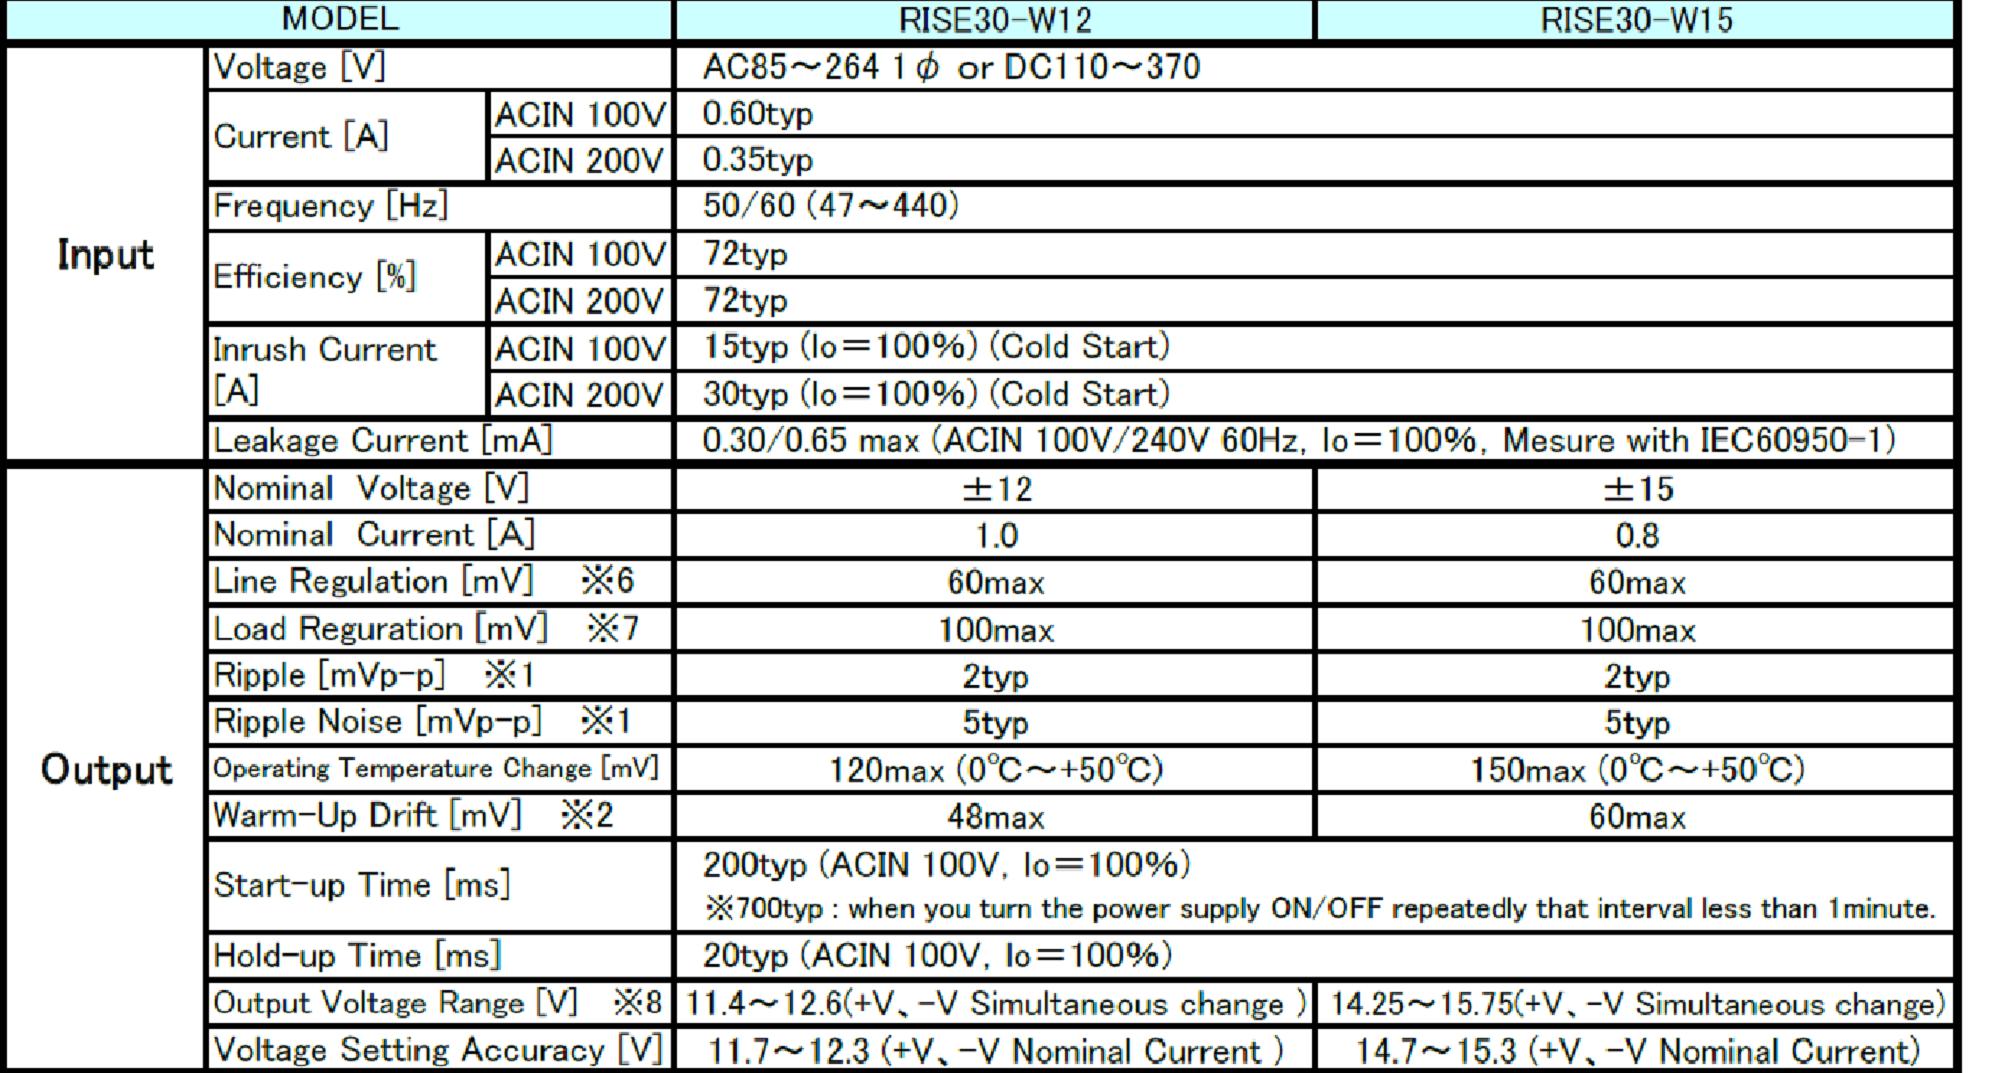 RISE30 low noise PSU specs